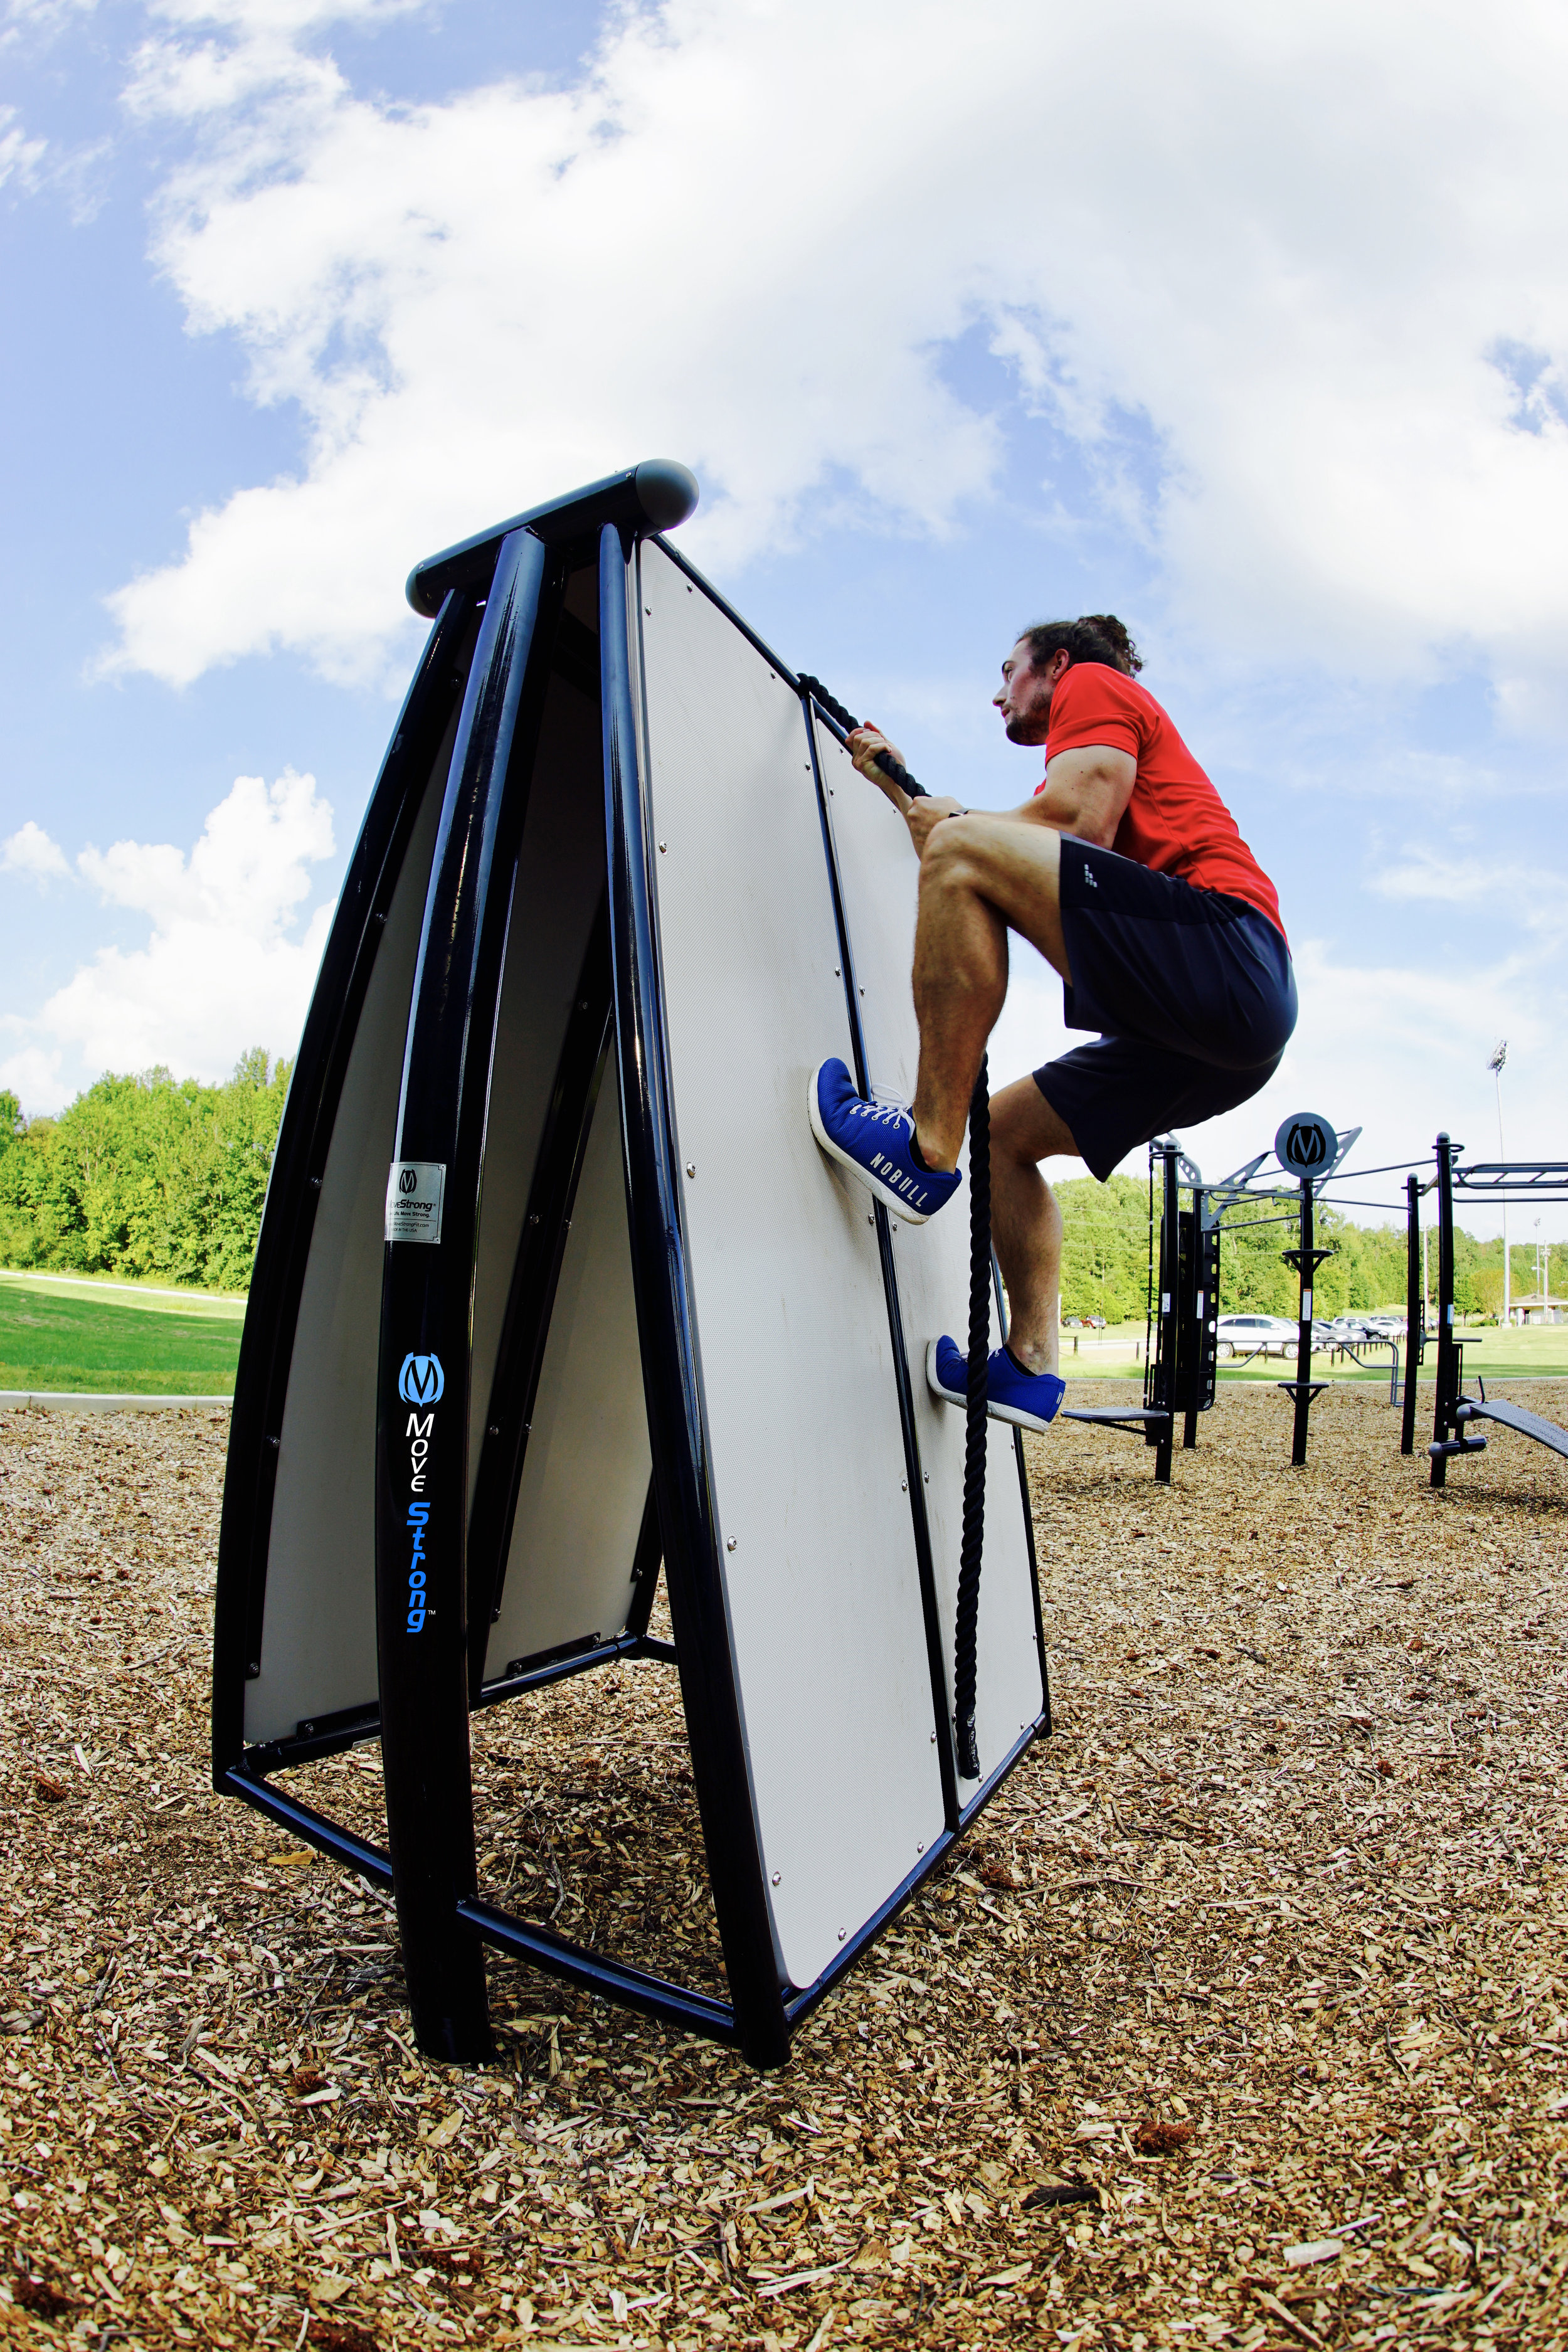 ole miss workout Awall climb2.jpg